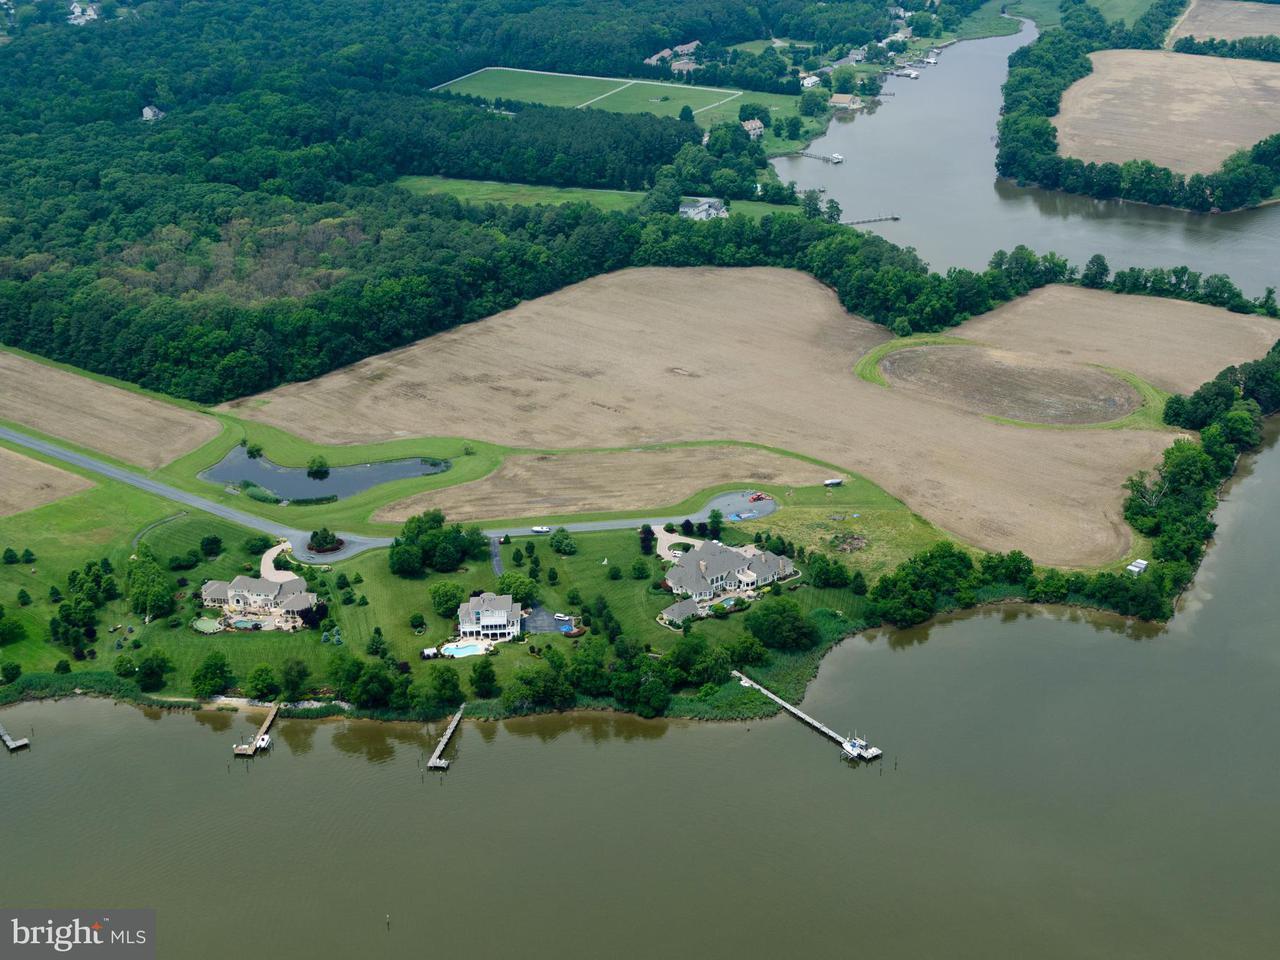 Частный односемейный дом для того Продажа на 400 Serenity Lane 400 Serenity Lane Chester, Мэриленд 21619 Соединенные Штаты